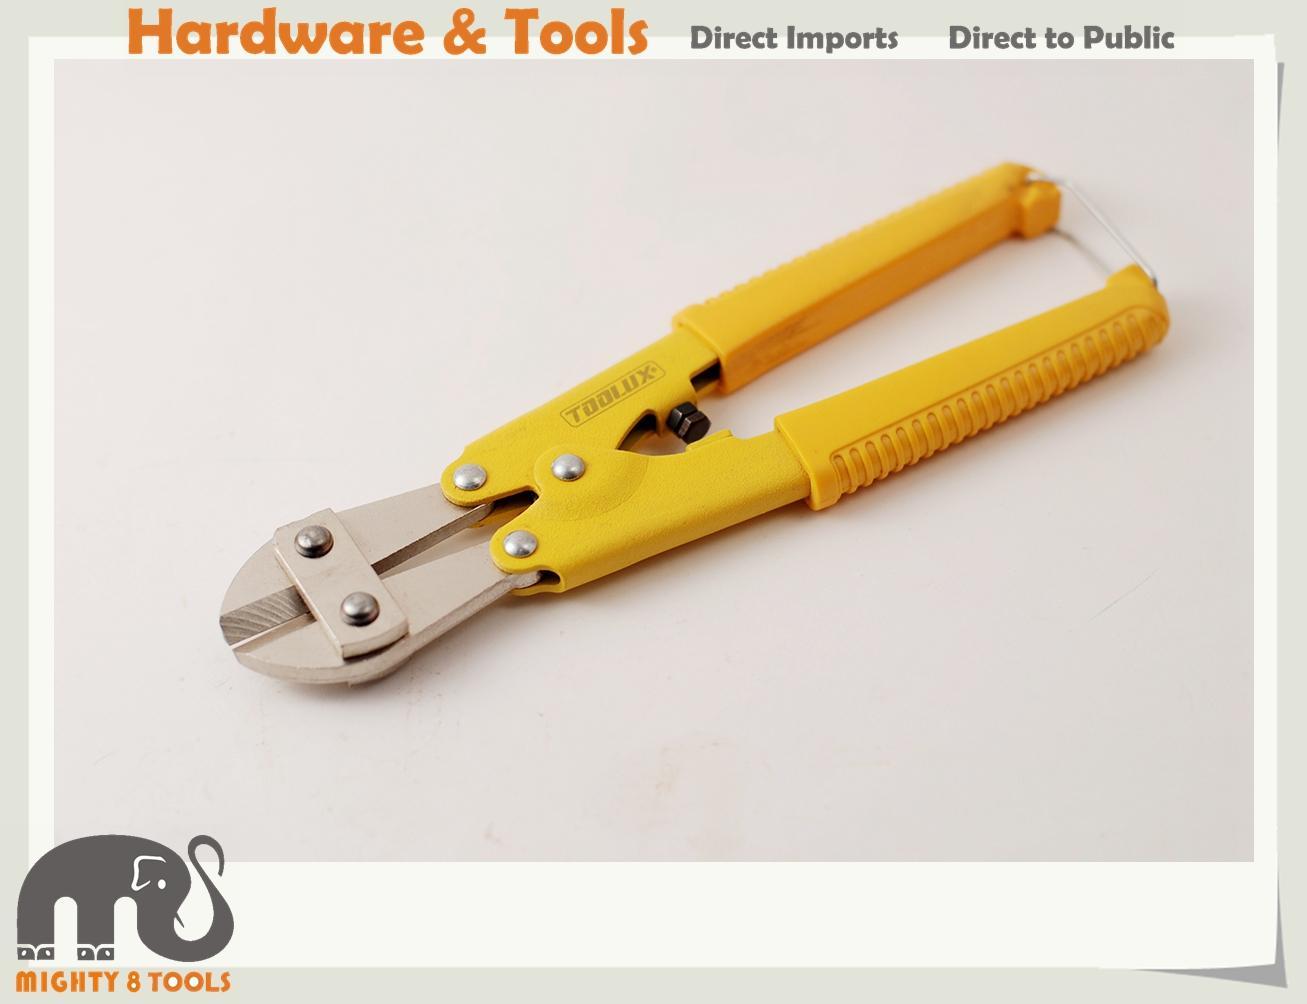 8in / 200mm Heavy Duty Mini Bolt Cutter Cable Cutter Wire Cutter ...